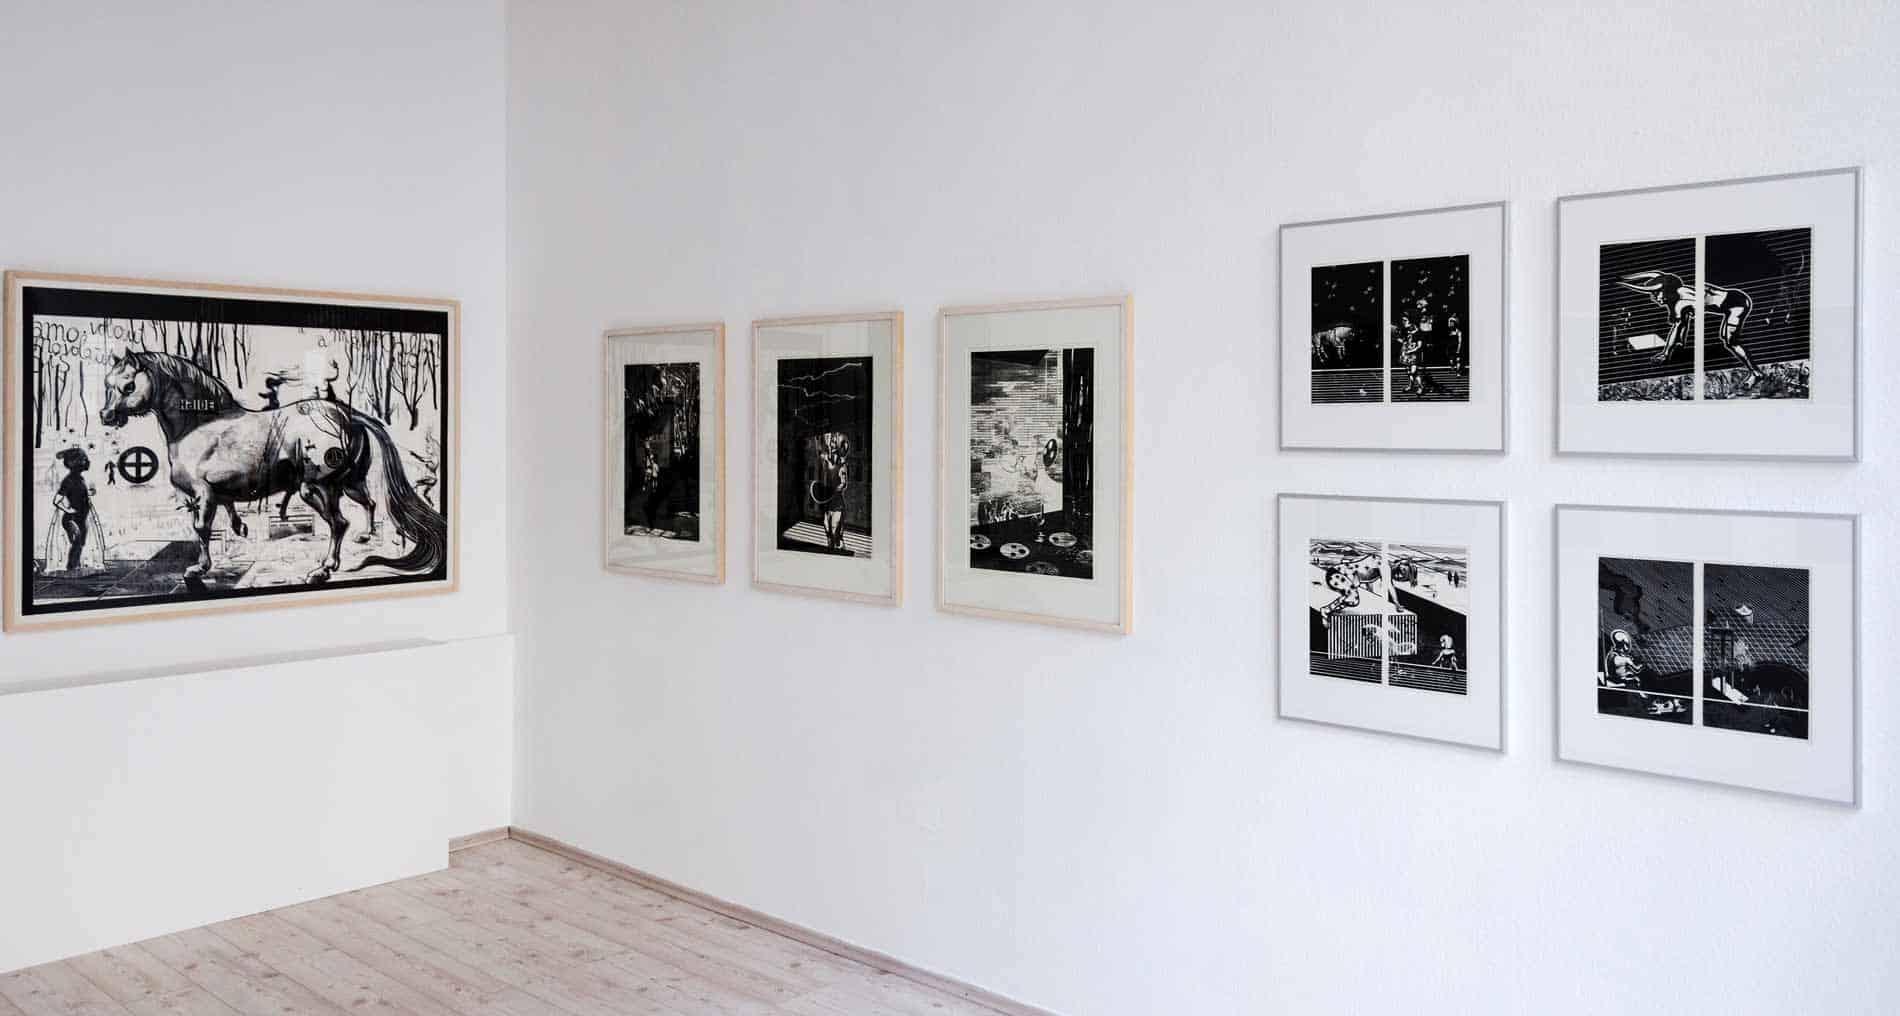 ausstellungsansicht-kunstraum-neudeli-franca-bartolomaei-ansicht